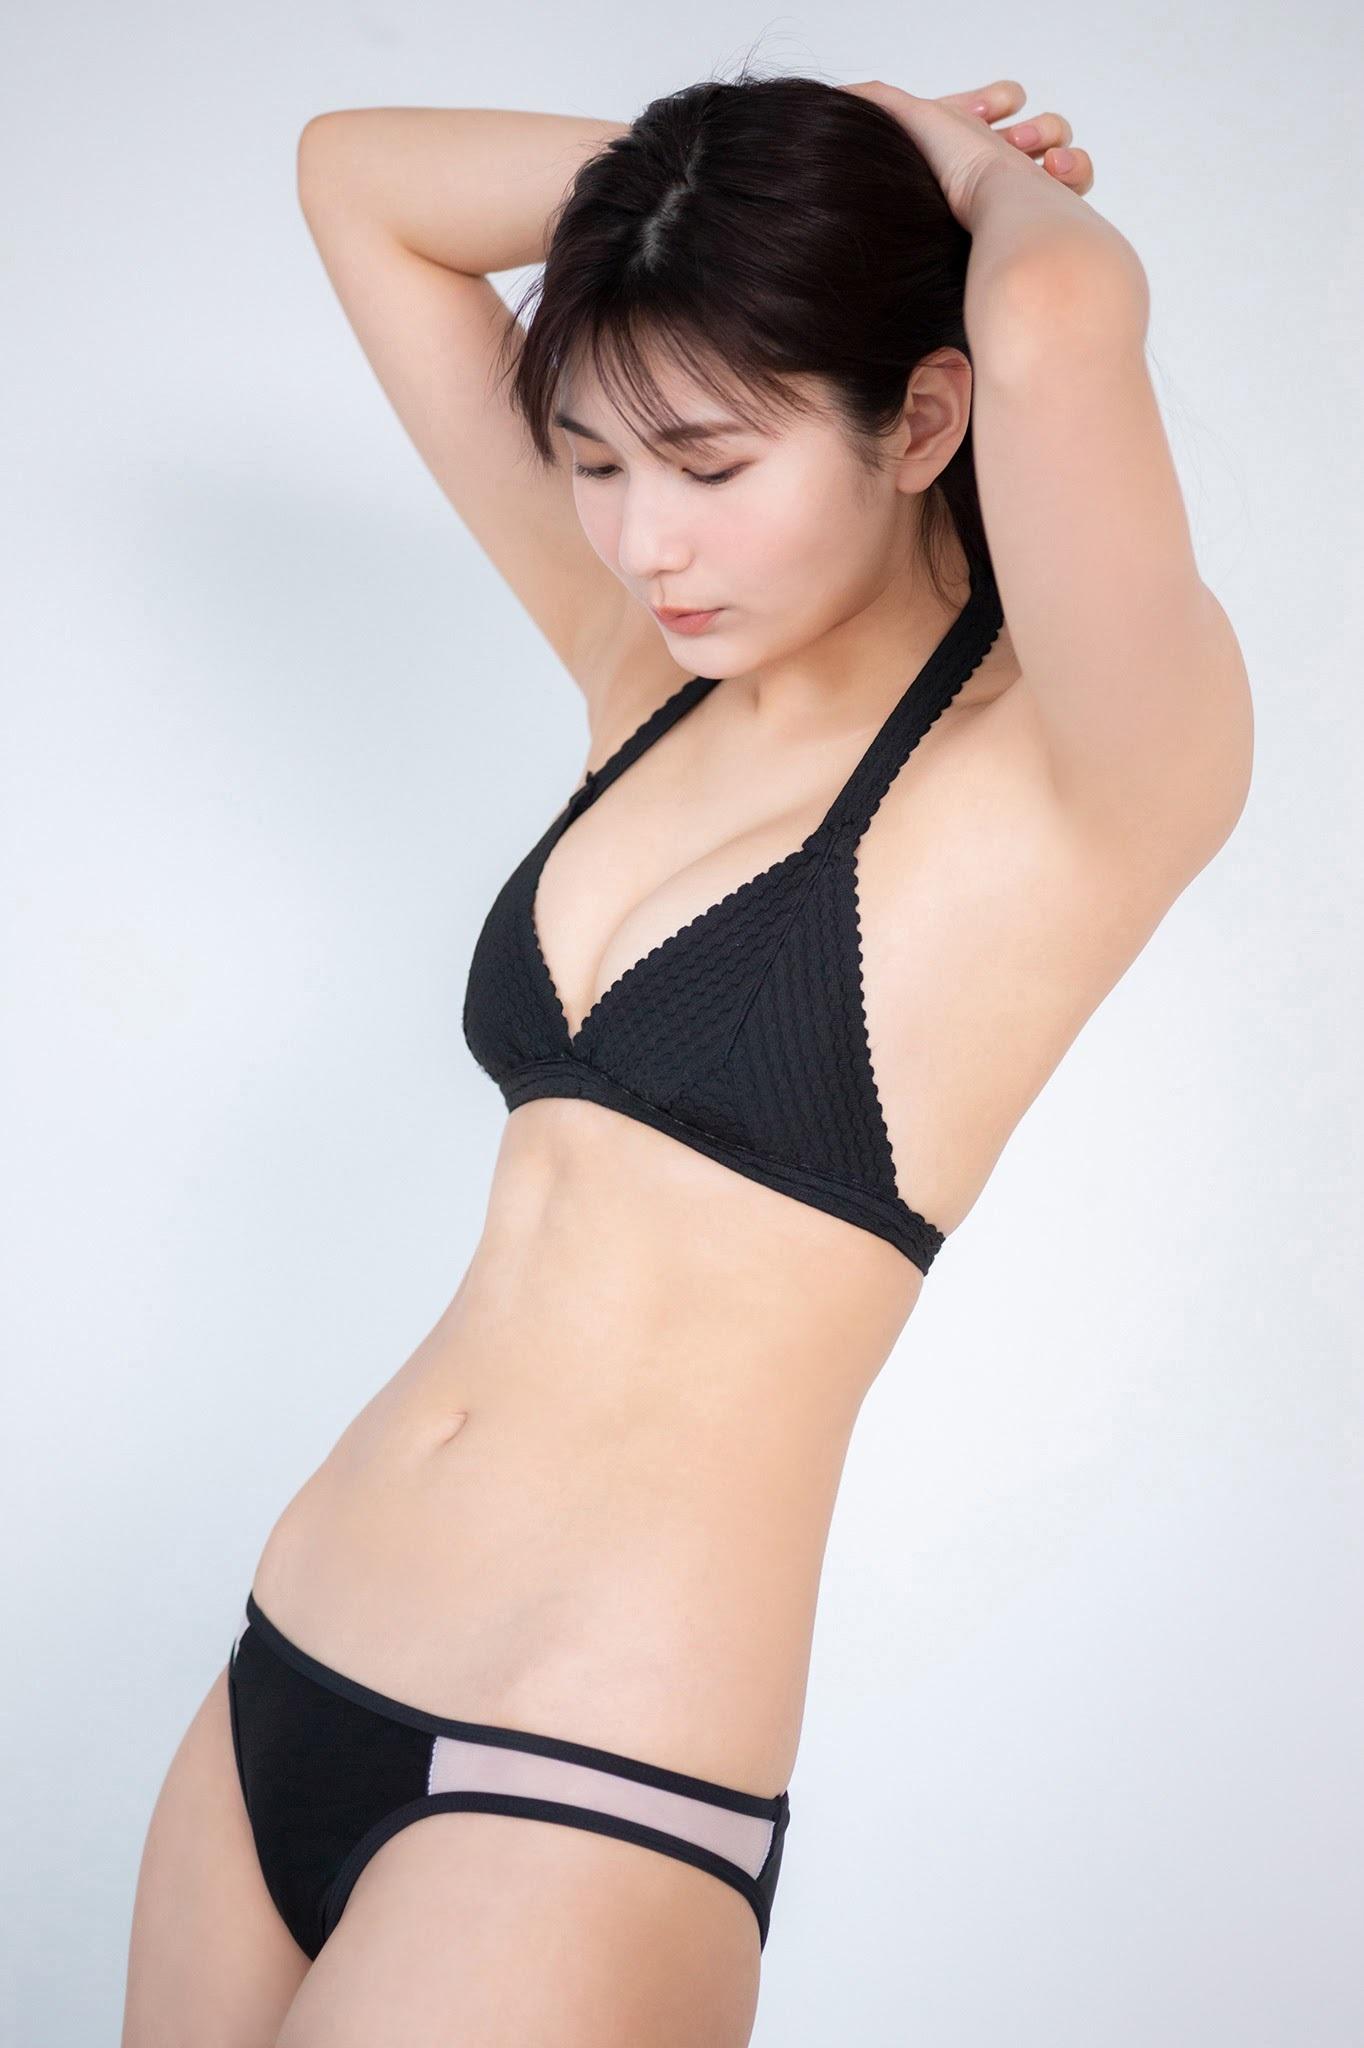 新井遥146